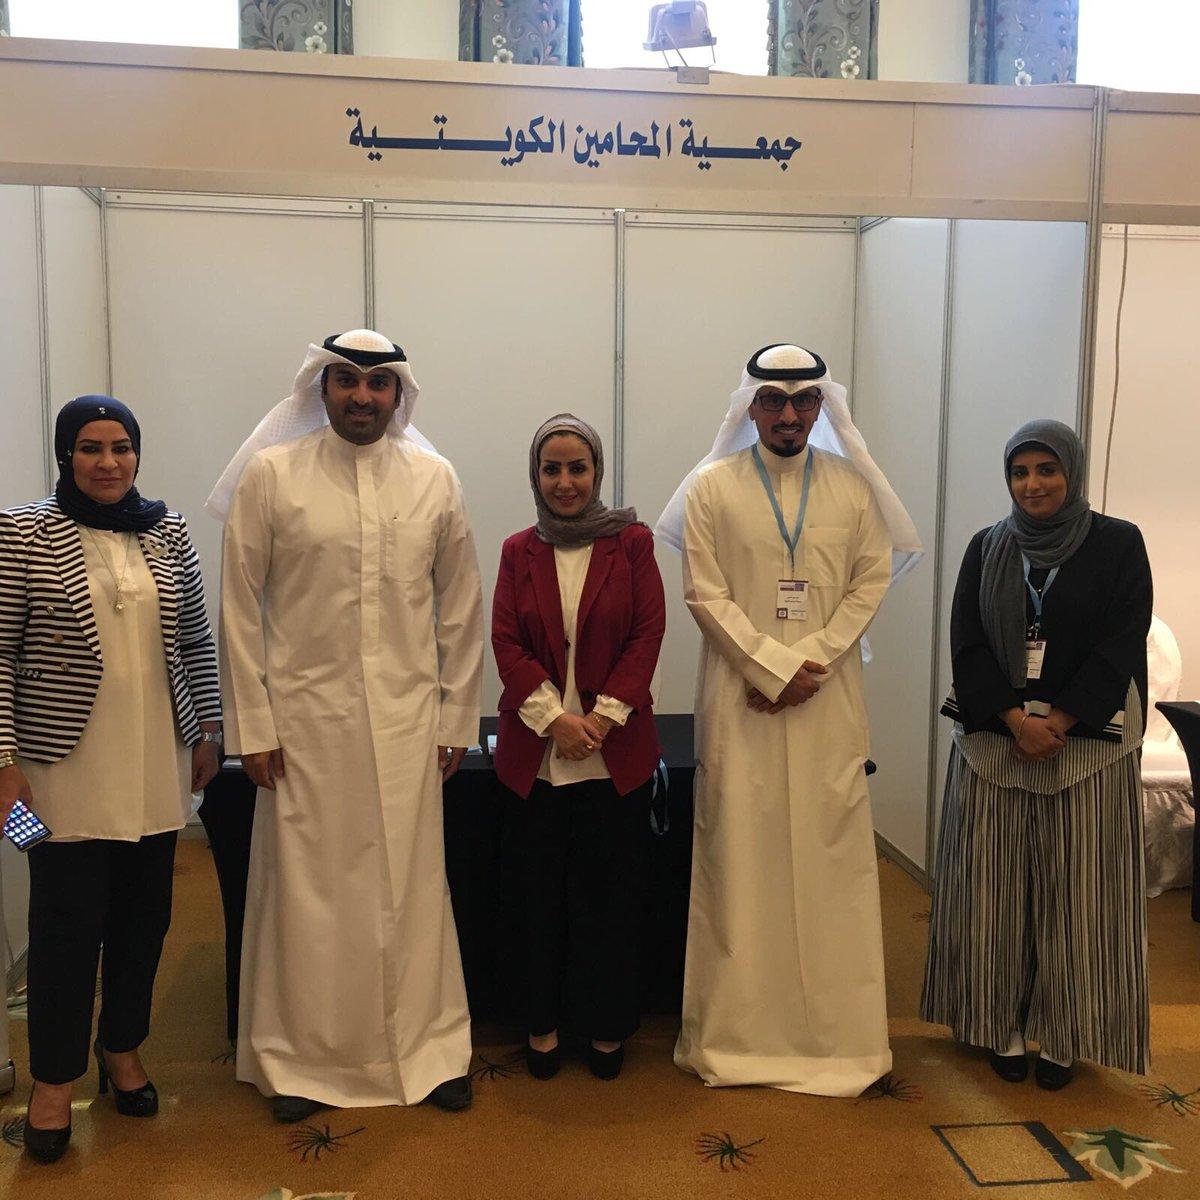 مشاركة اللجنة الثقافية بجمعية المحامين الكويتية بمؤتمر مكافحة غسل الأموال وتمويل الإرهابpic.twitter.com/jPc5RJNxS0